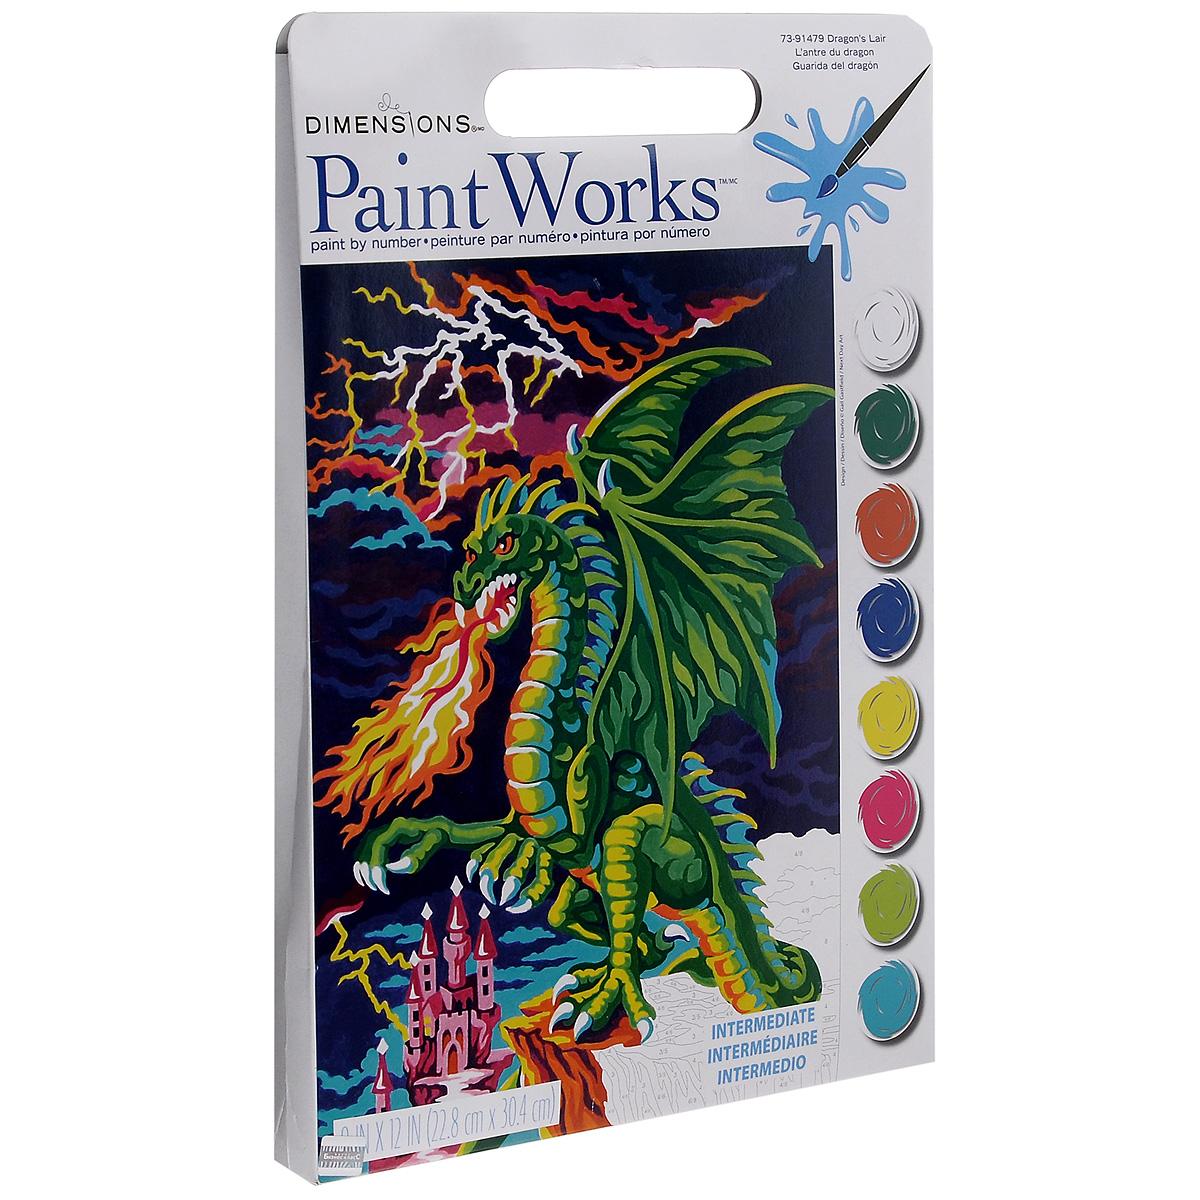 Раскраска по номерам PaintWorks Логово дракона, 23 x 31 смDMS-73-91479С раскраской по номерам PaintWorks Логово дракона каждый сможет стать художником и создать великолепную картину! Нужно лишь аккуратно нанести необходимую краску на отмеченный для нее участок на эскизе картины. Каждая краска имеет свой номер, соответствующий номеру на картине. Некоторые участки требуют смешения цветов, они обозначены буквами. Рекомендуется сначала раскрасить участки одного цвета, прежде чем переходить к окрашиванию другими цветами. Набор содержит: - качественные акриловые краски, - фактурный картон с нанесенным контуром рисунка, - кисть, - доступную инструкцию на русском языке. Если ваши дети любят рисовать и заниматься изобразительным искусством, то, несомненно, для них станет лучшим подарком этот набор. Дизайн картинок стимулирует творческую активность ребенка, а сама работа доставляет большое удовольствие. Эта раскраска позволяет открыть художника в каждом ребенке!